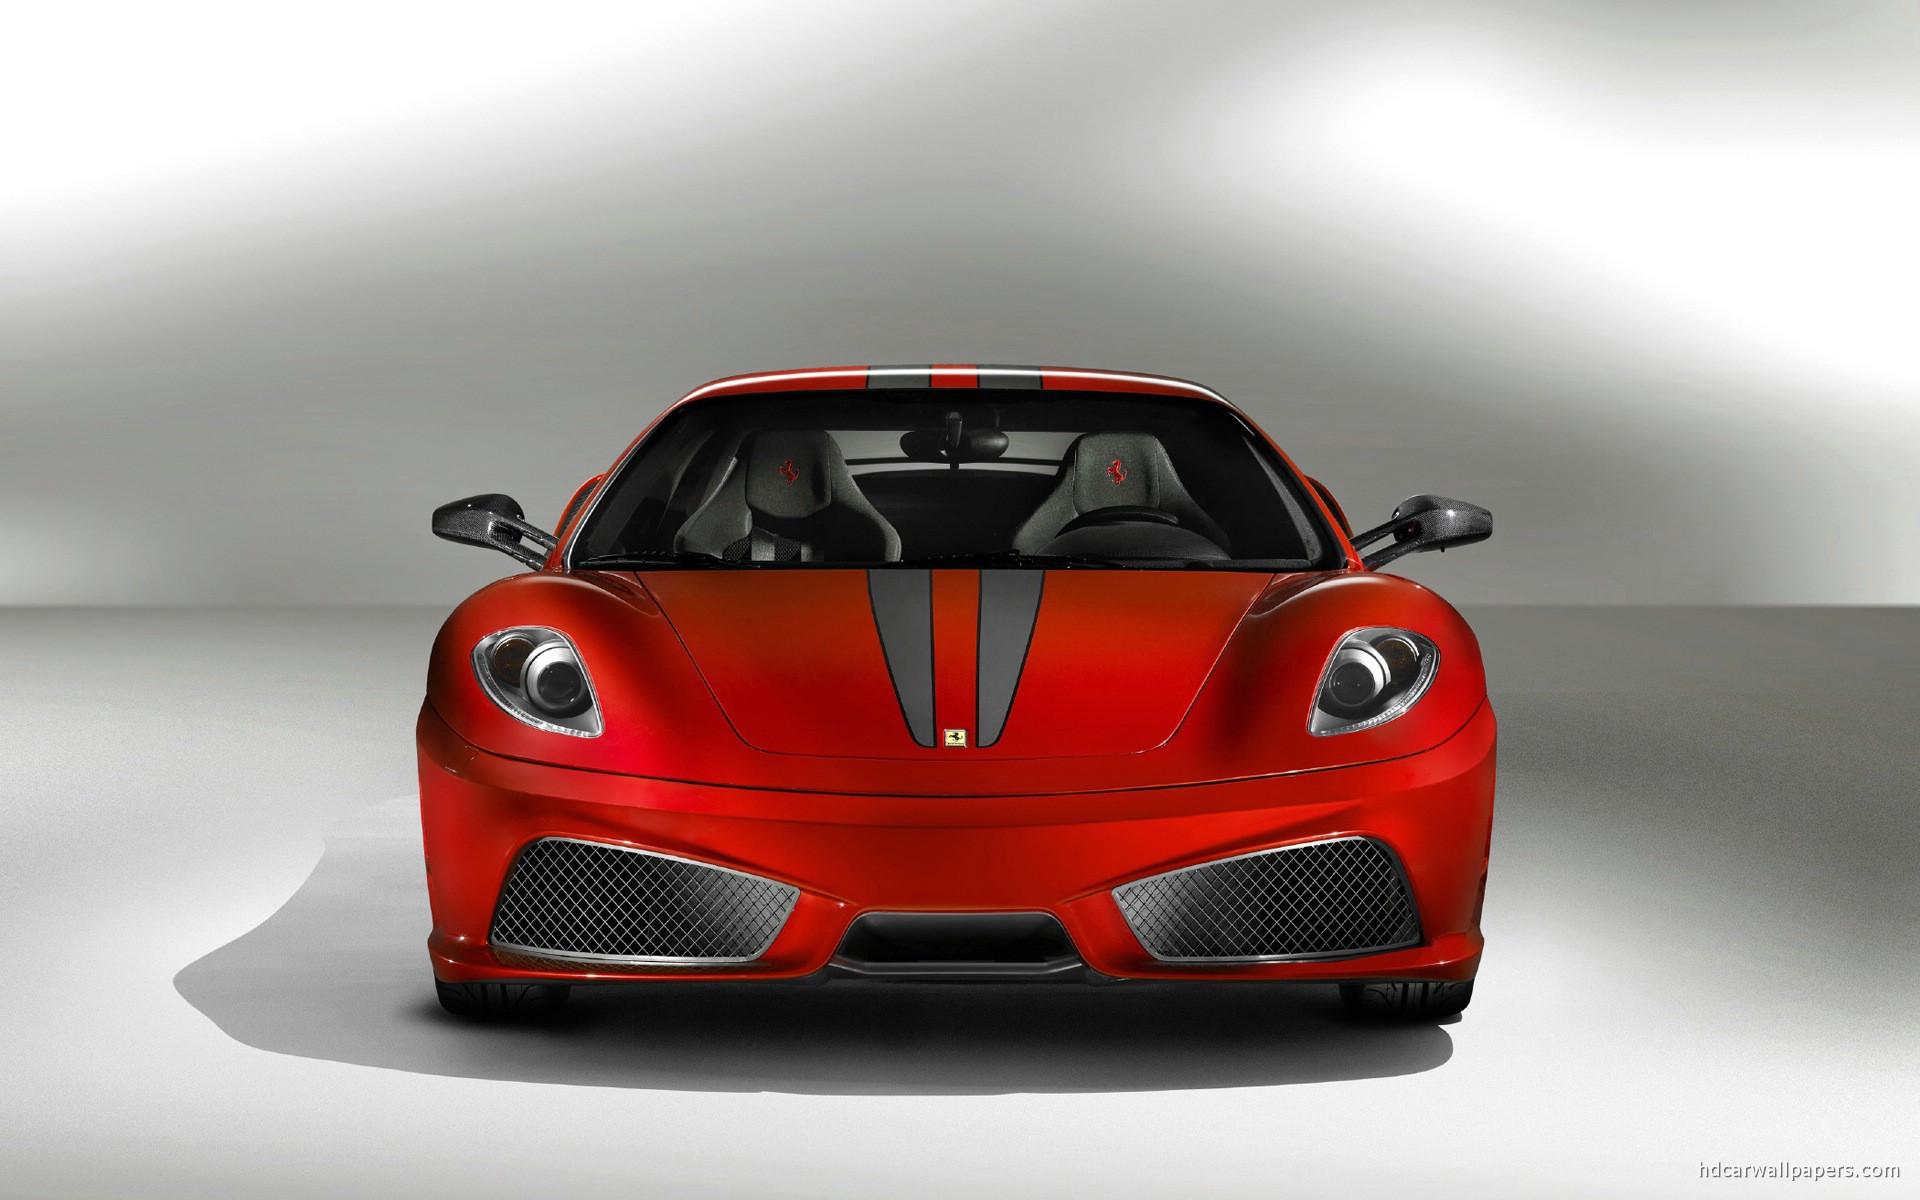 Ferrari f430 scuderia 4 wallpaper hd car wallpapers id 831 tags ferrari f430 scuderia voltagebd Image collections